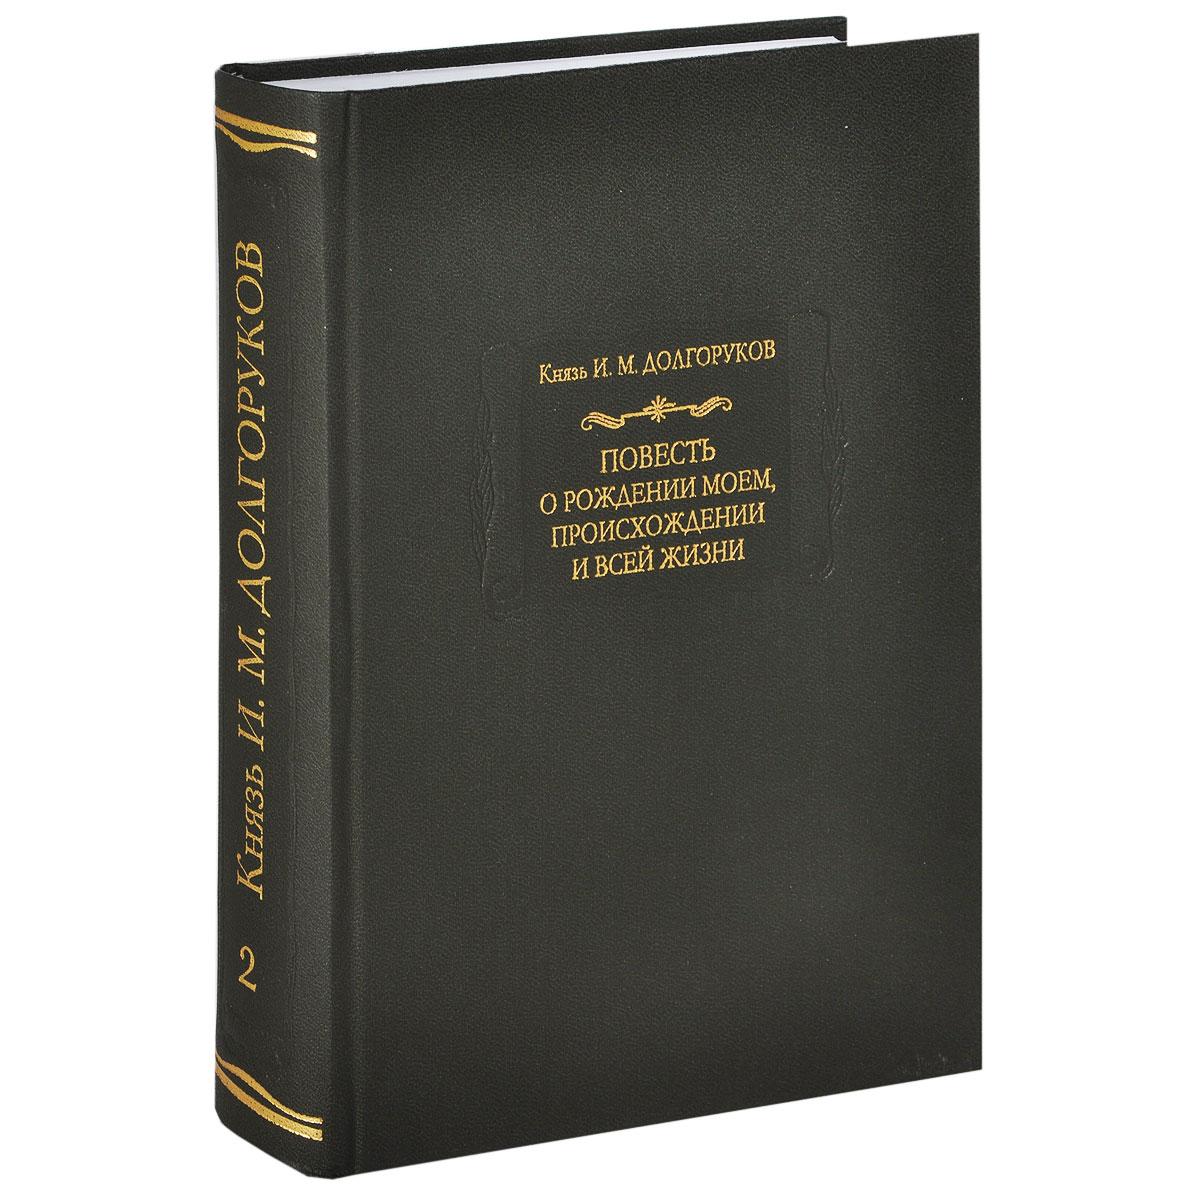 Повесть о рождении моем, происхождении и всей жизни. В 2 томах. Том 2